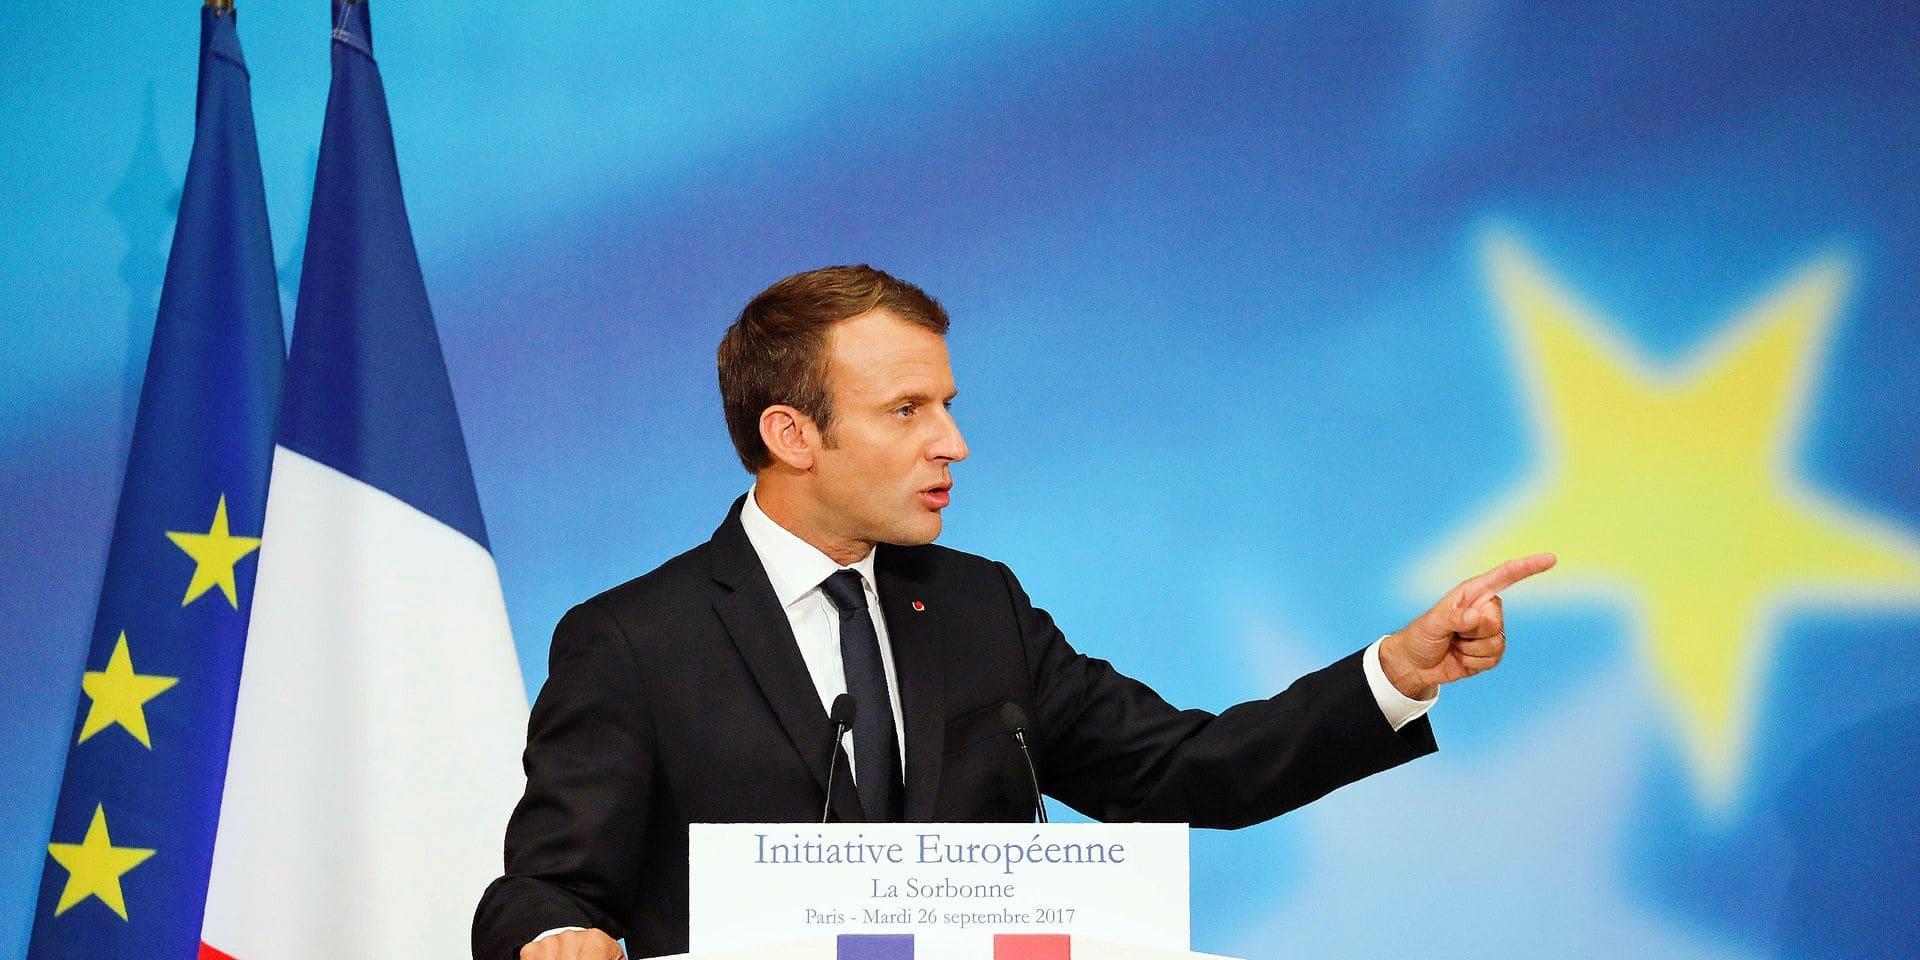 Macron secoue le cocotier européen